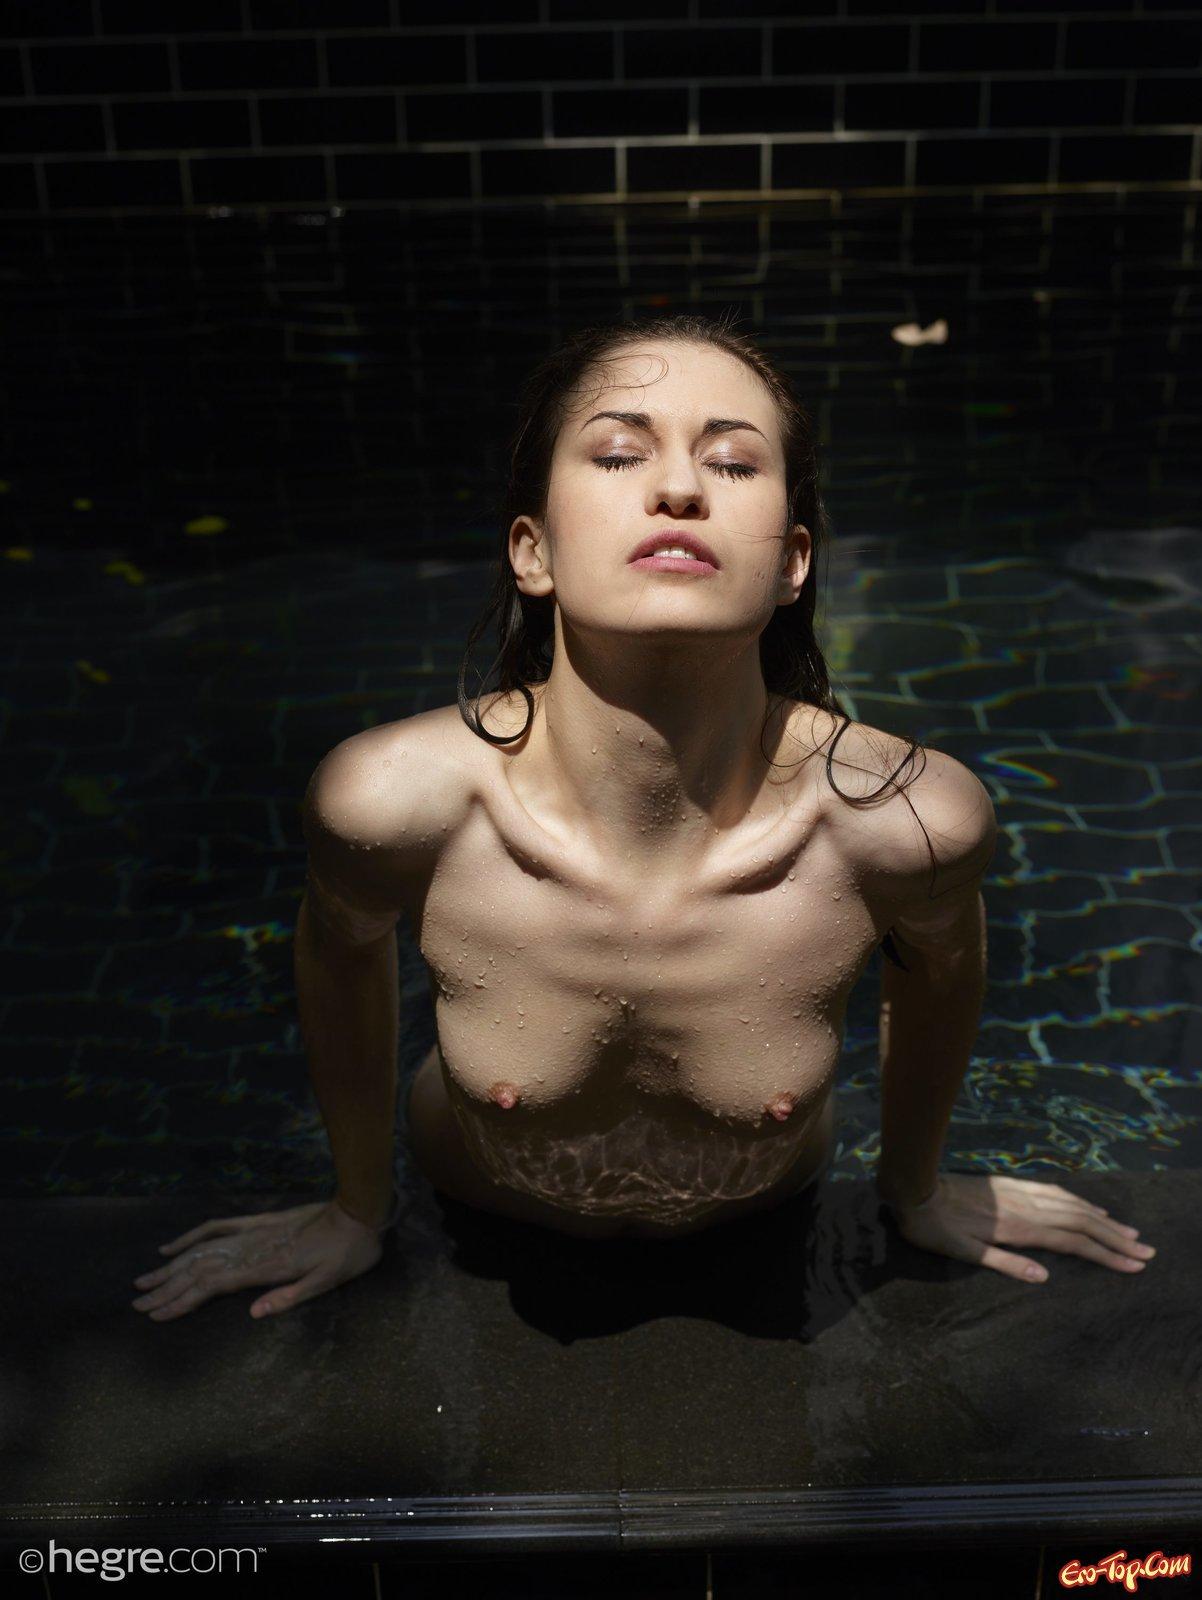 Голая давалка с торчащими сосками вылезла с бассейна